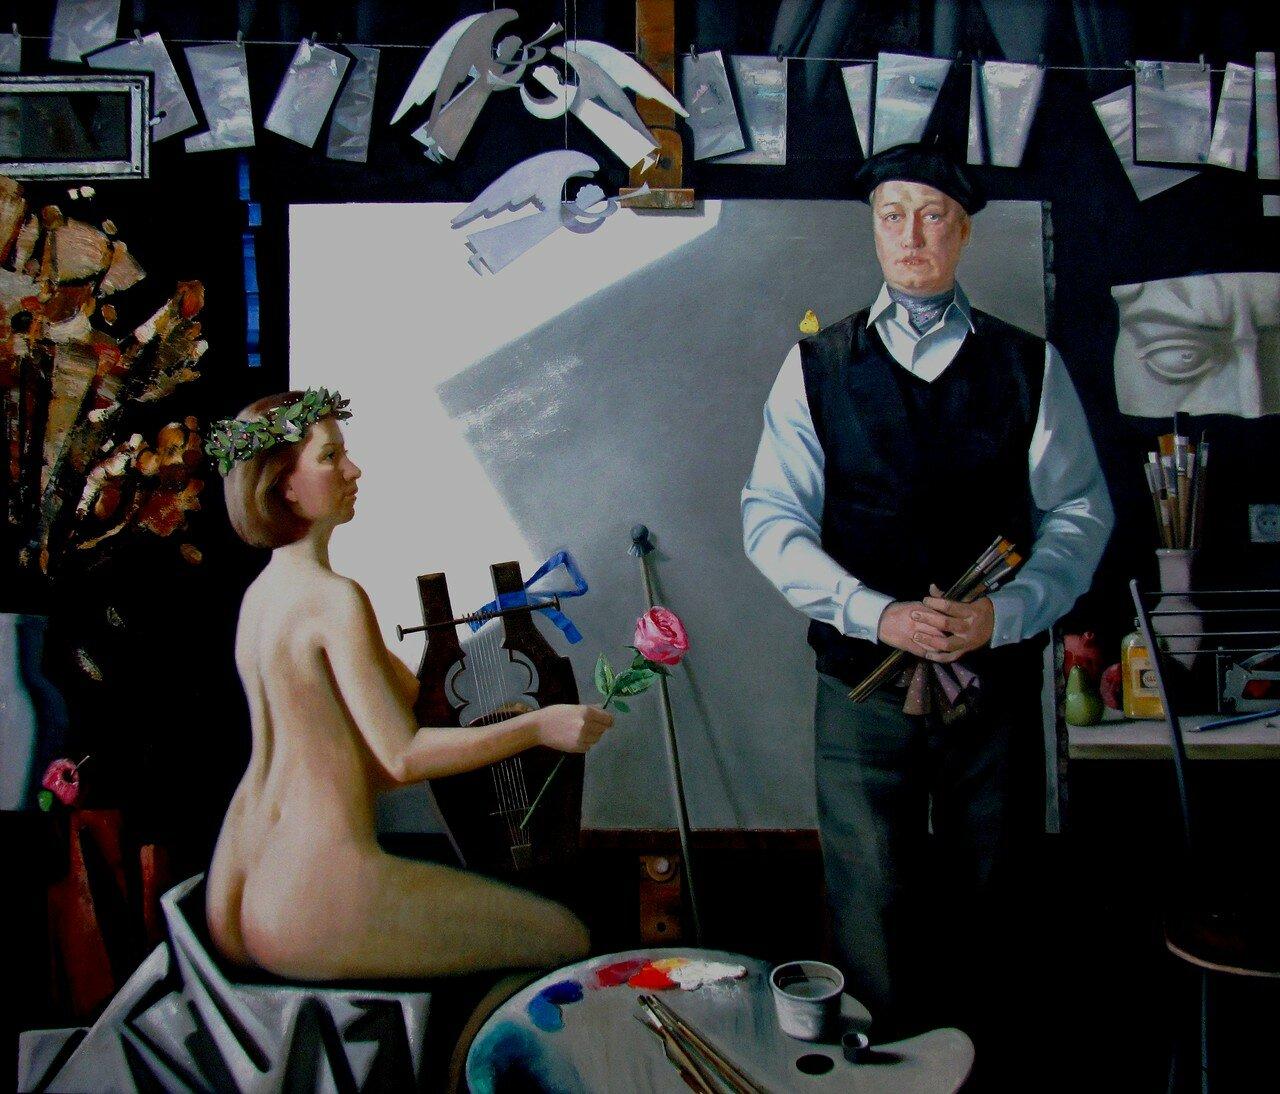 антон макаров.художник и муза.jpg